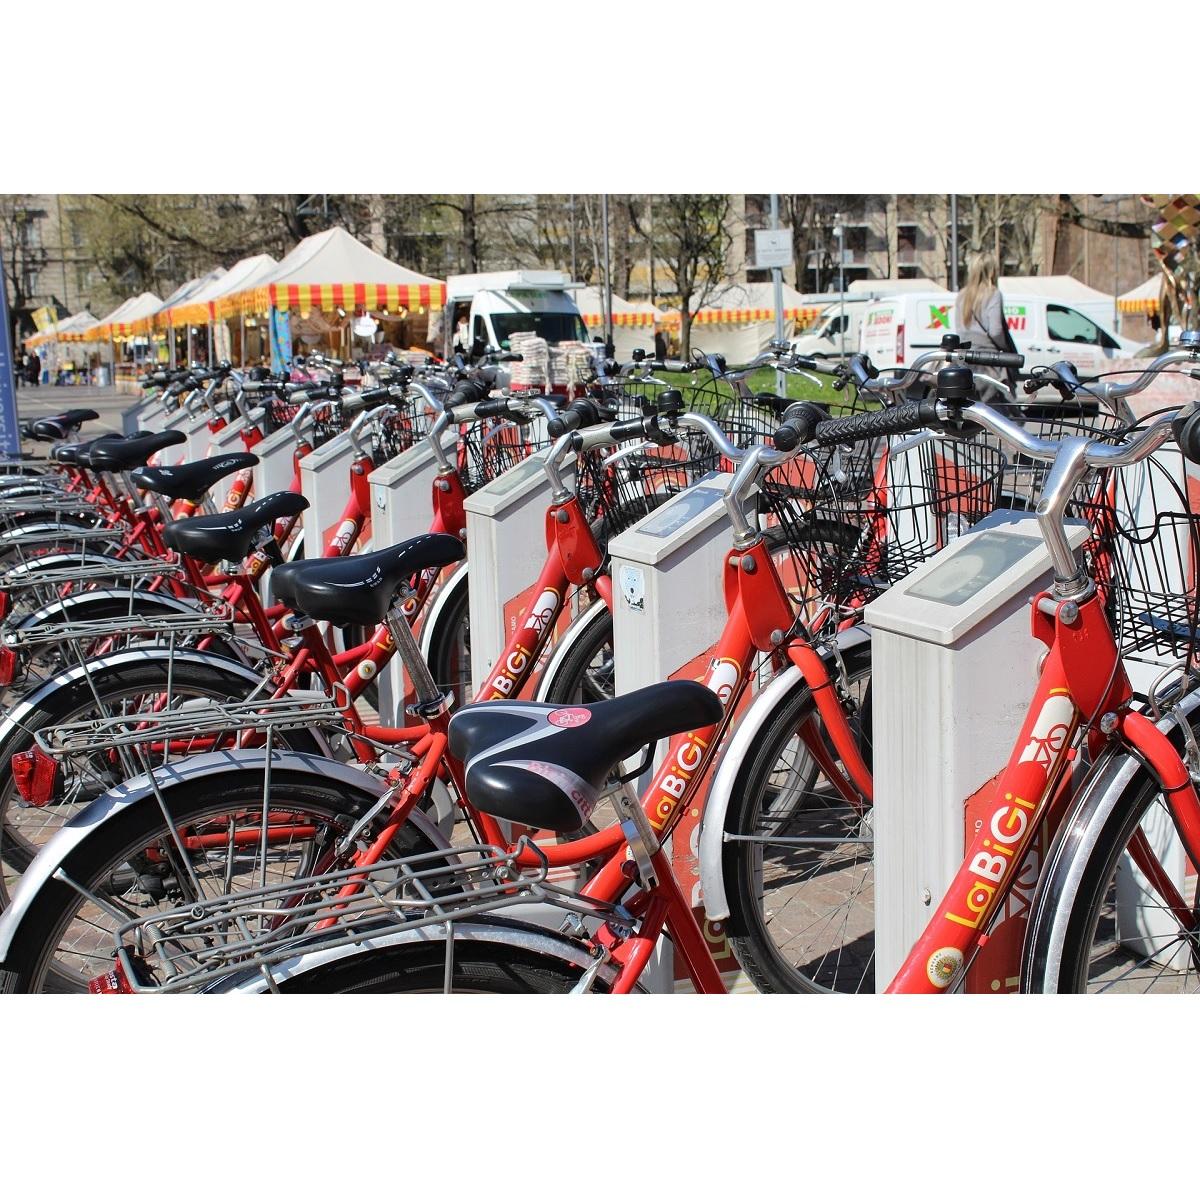 Comune di Pescara e il programma Bike sharing foto